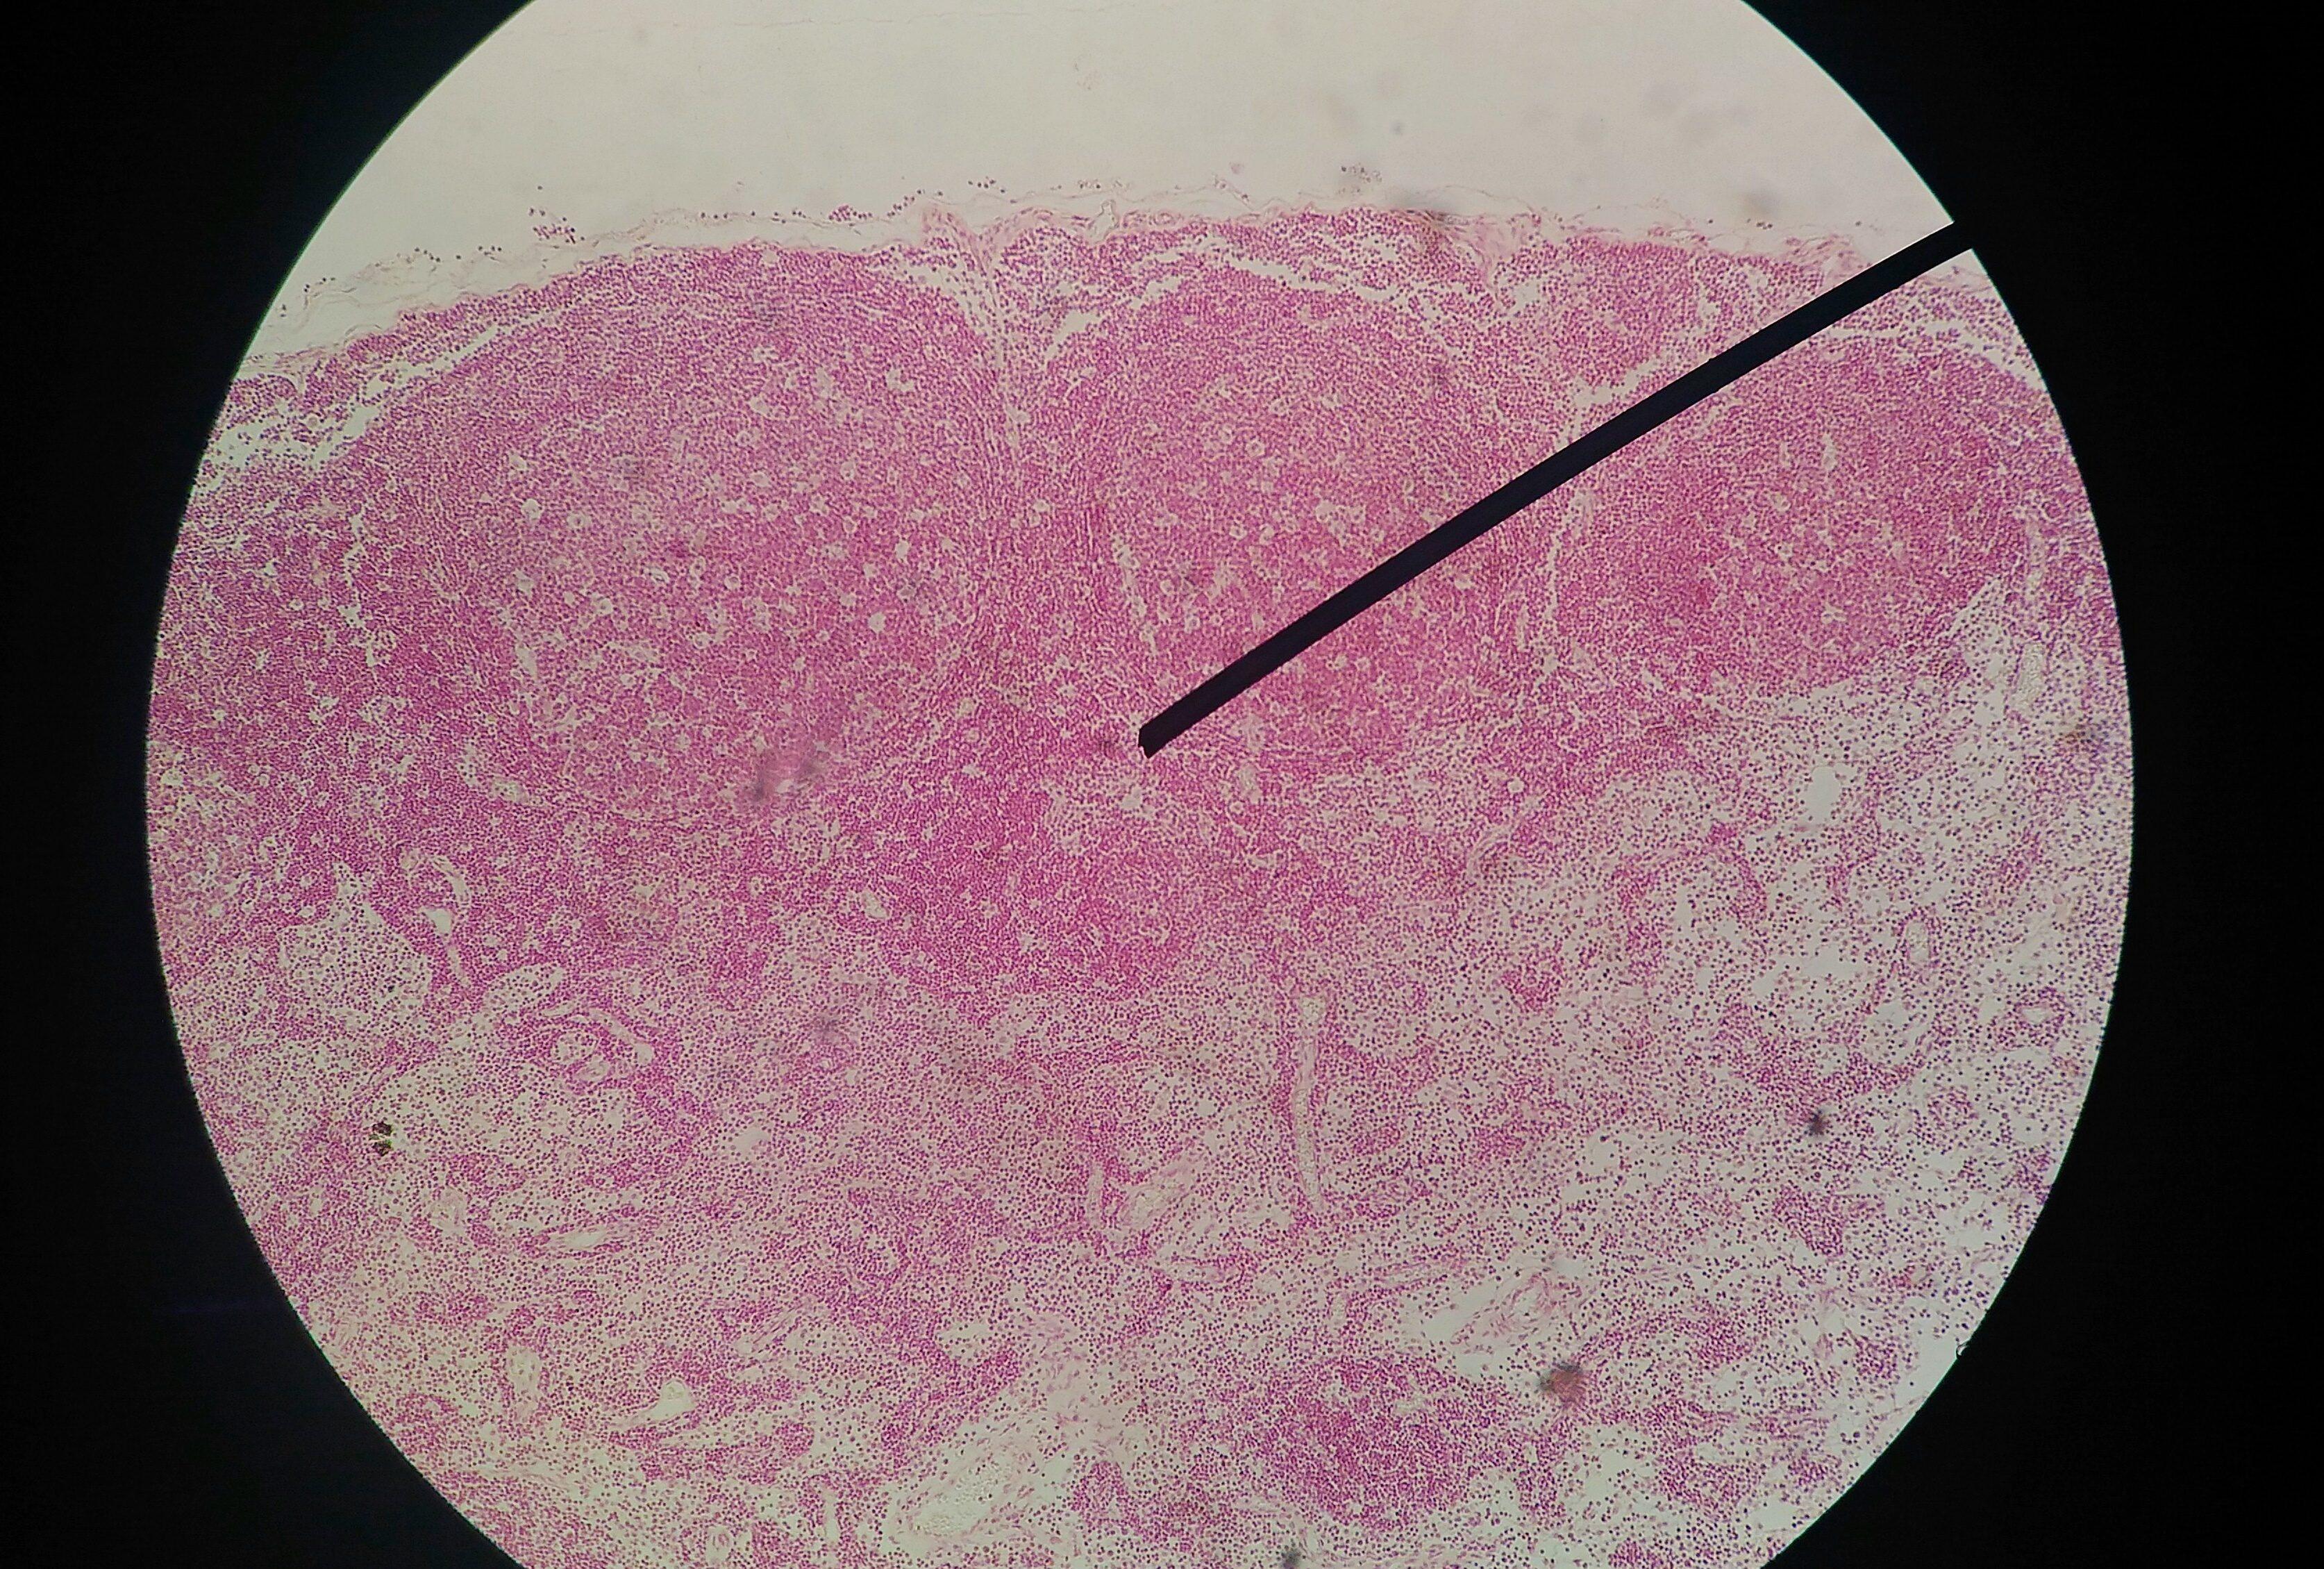 test papilloma virus quando farlo ossiuri e rimedi naturali